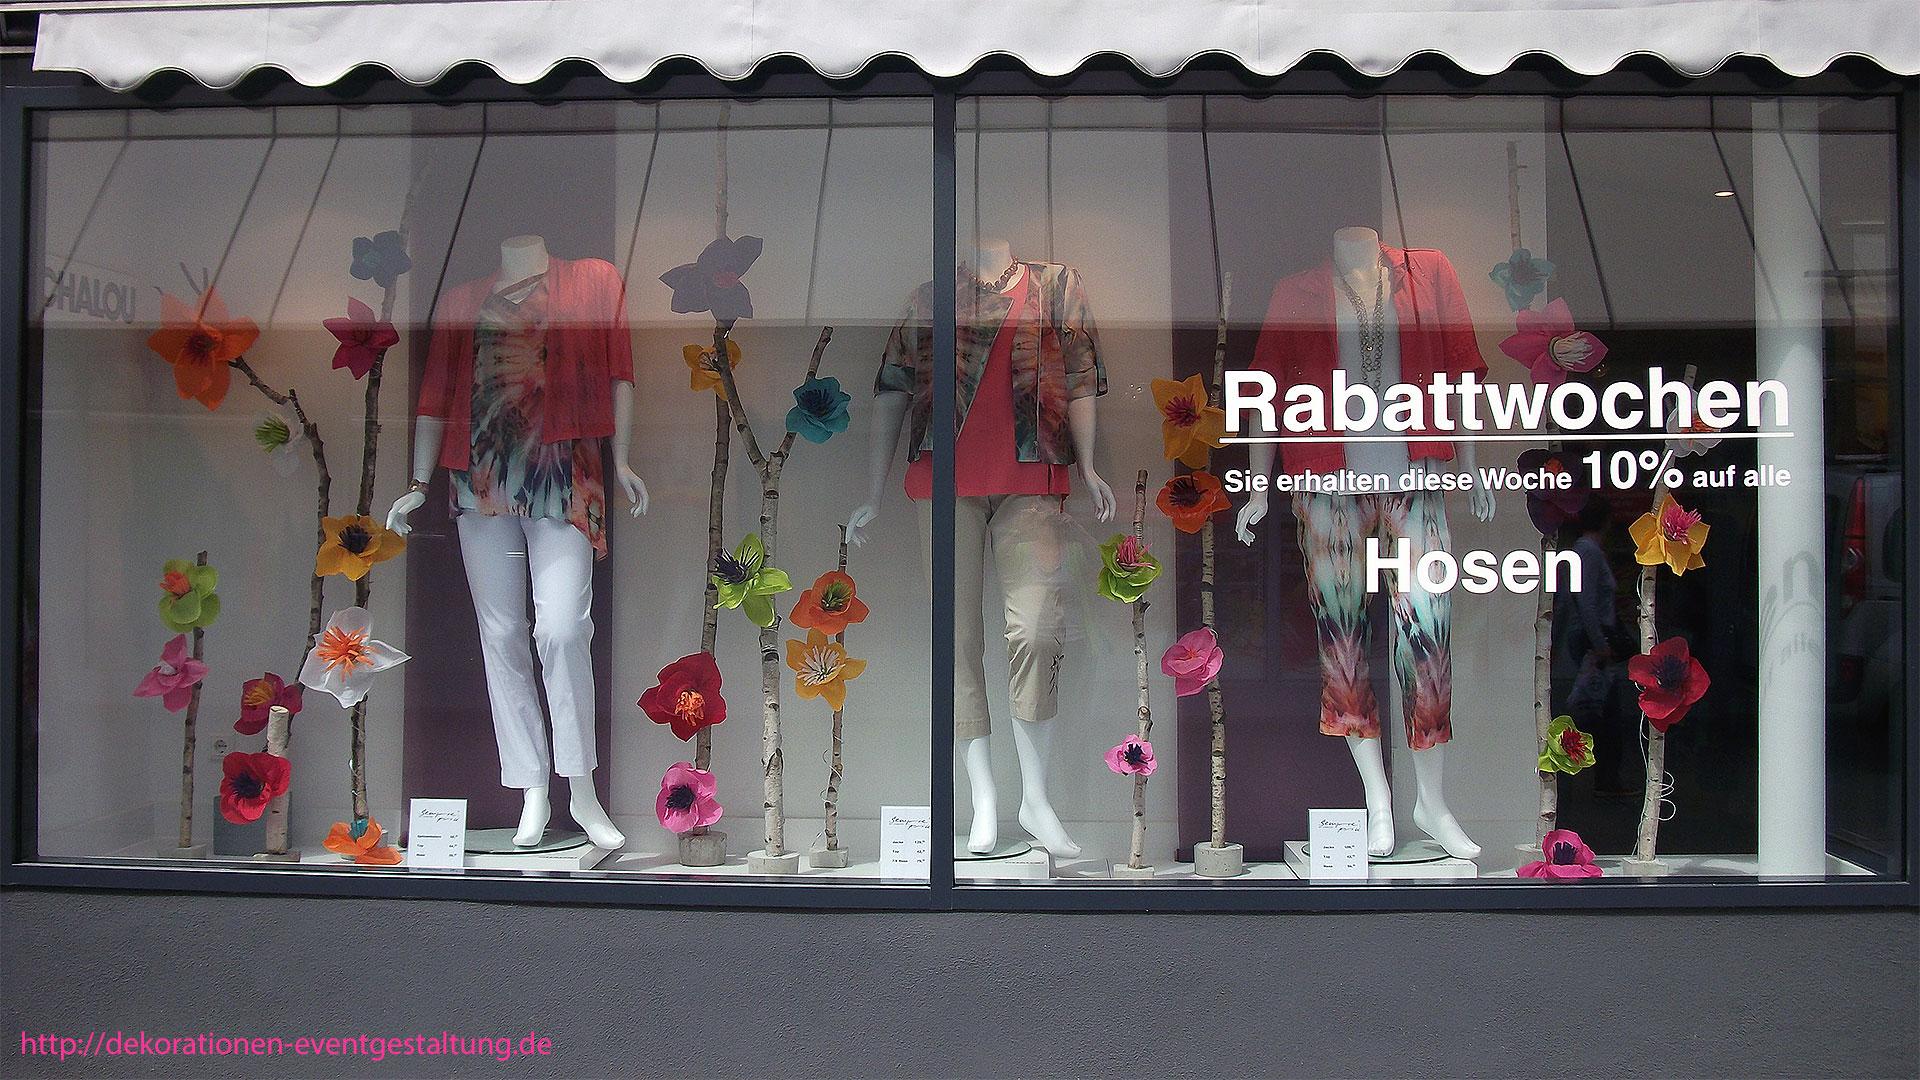 Schaufensterdekoration Chalou Mainz » dekorationen & eventgestaltung